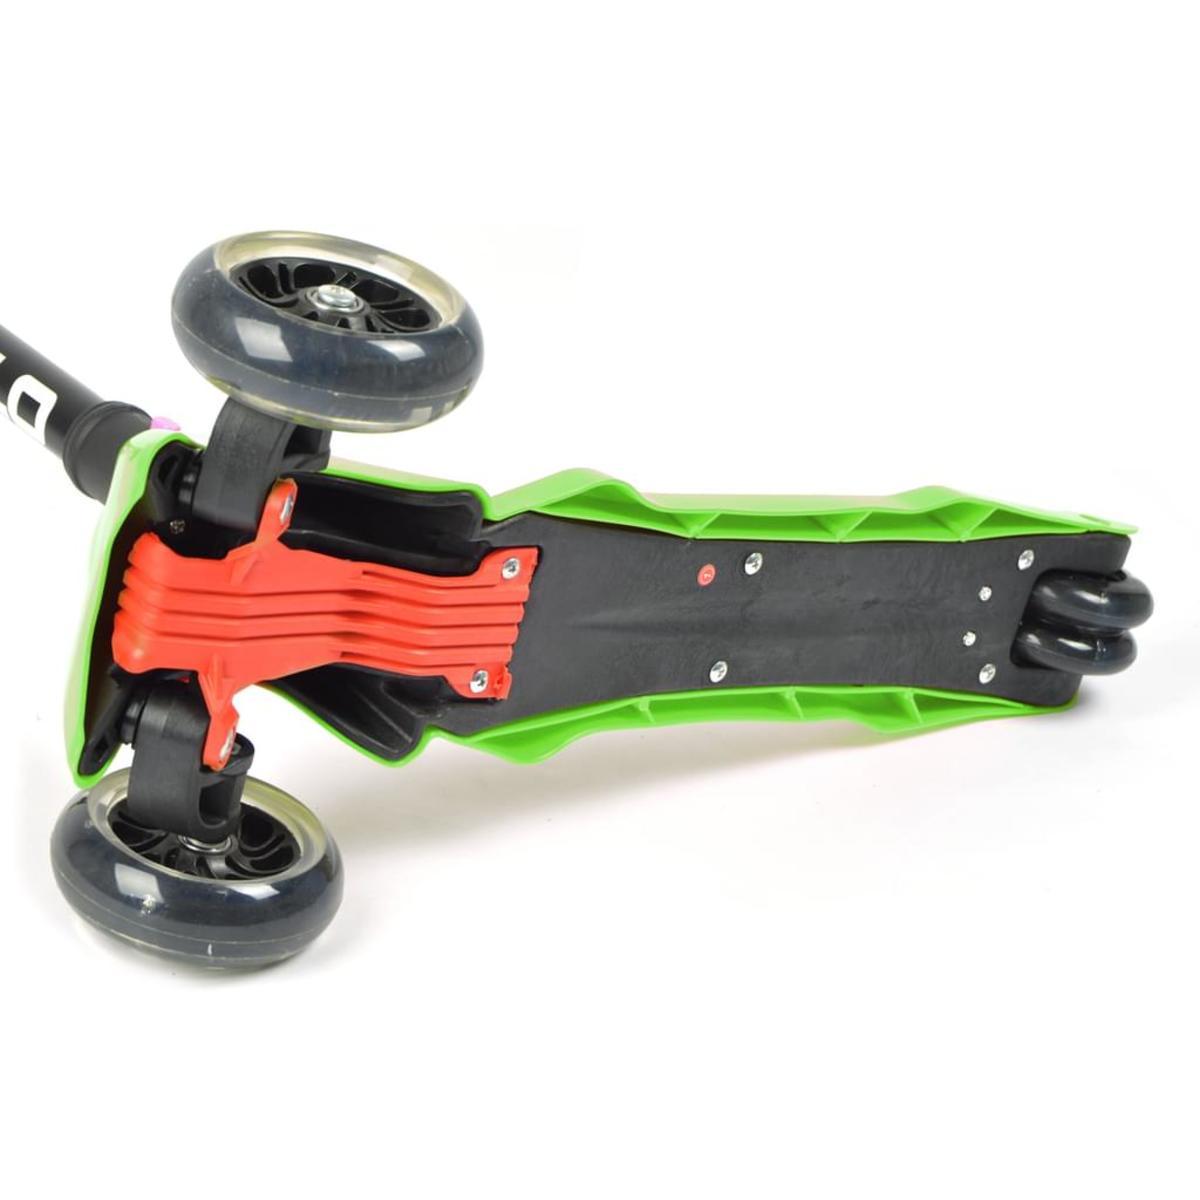 Bild 4 von Apollo Scooter - Candy Racer LED - Grün - Kinderscooter ab 3 Jahren, faltbarer Kickboard-Scooter mit  LED Leuchtrollen